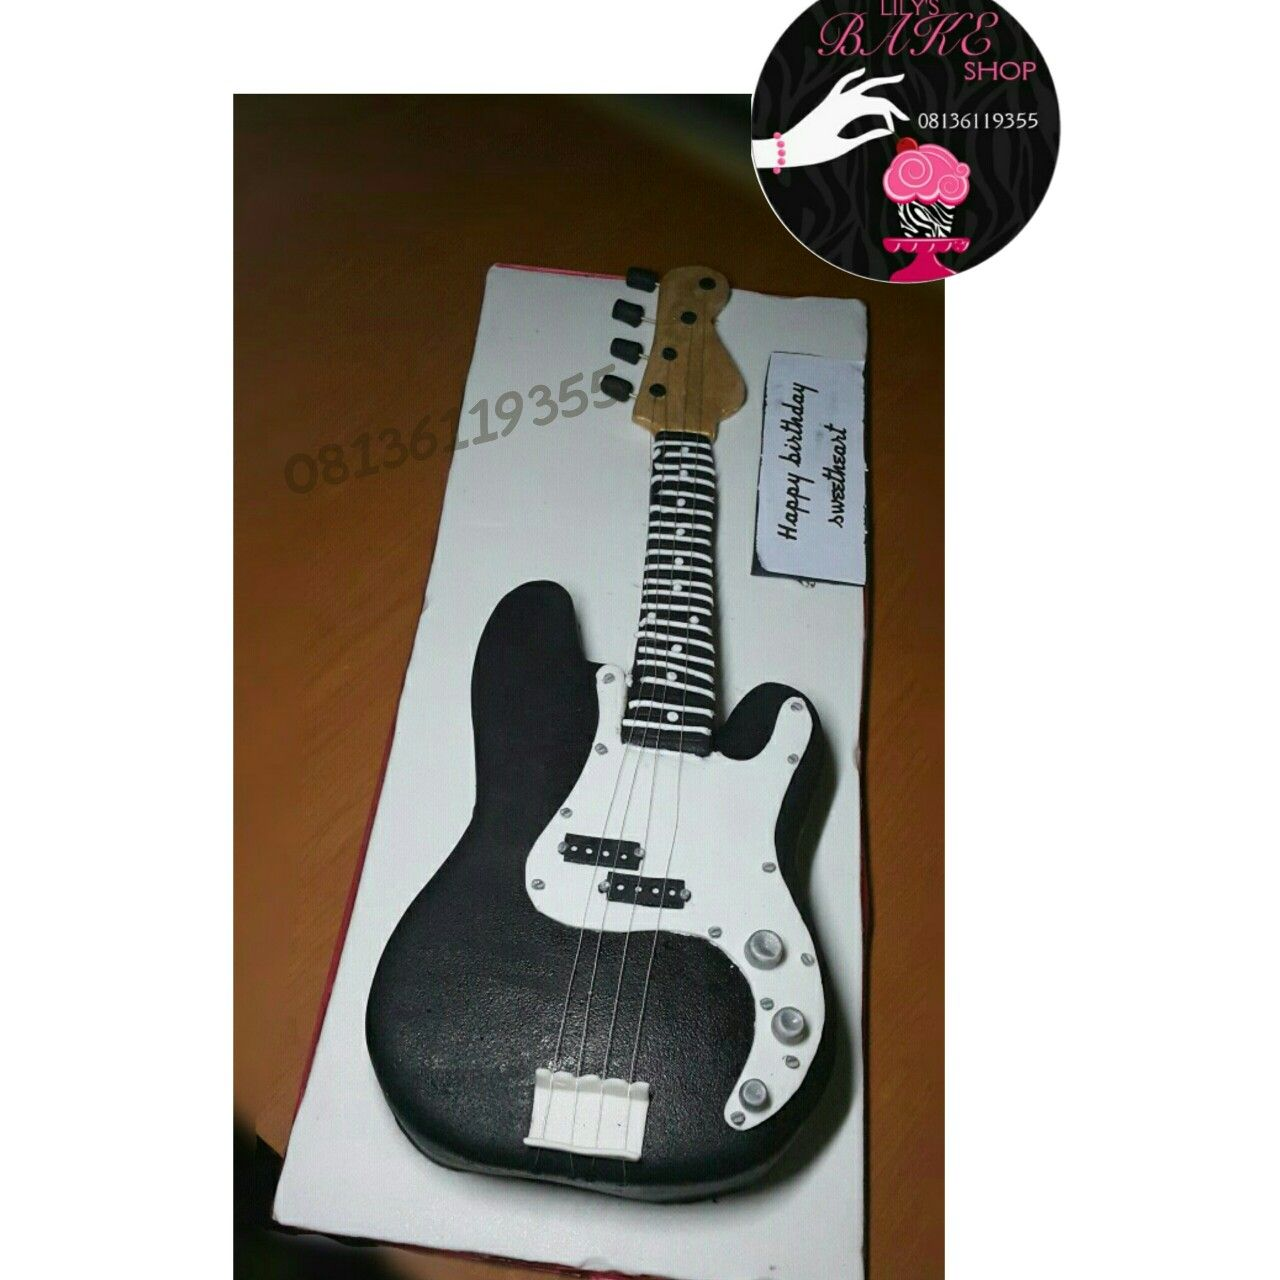 Lilysbakeshop guitar 🎸 🎸 cake